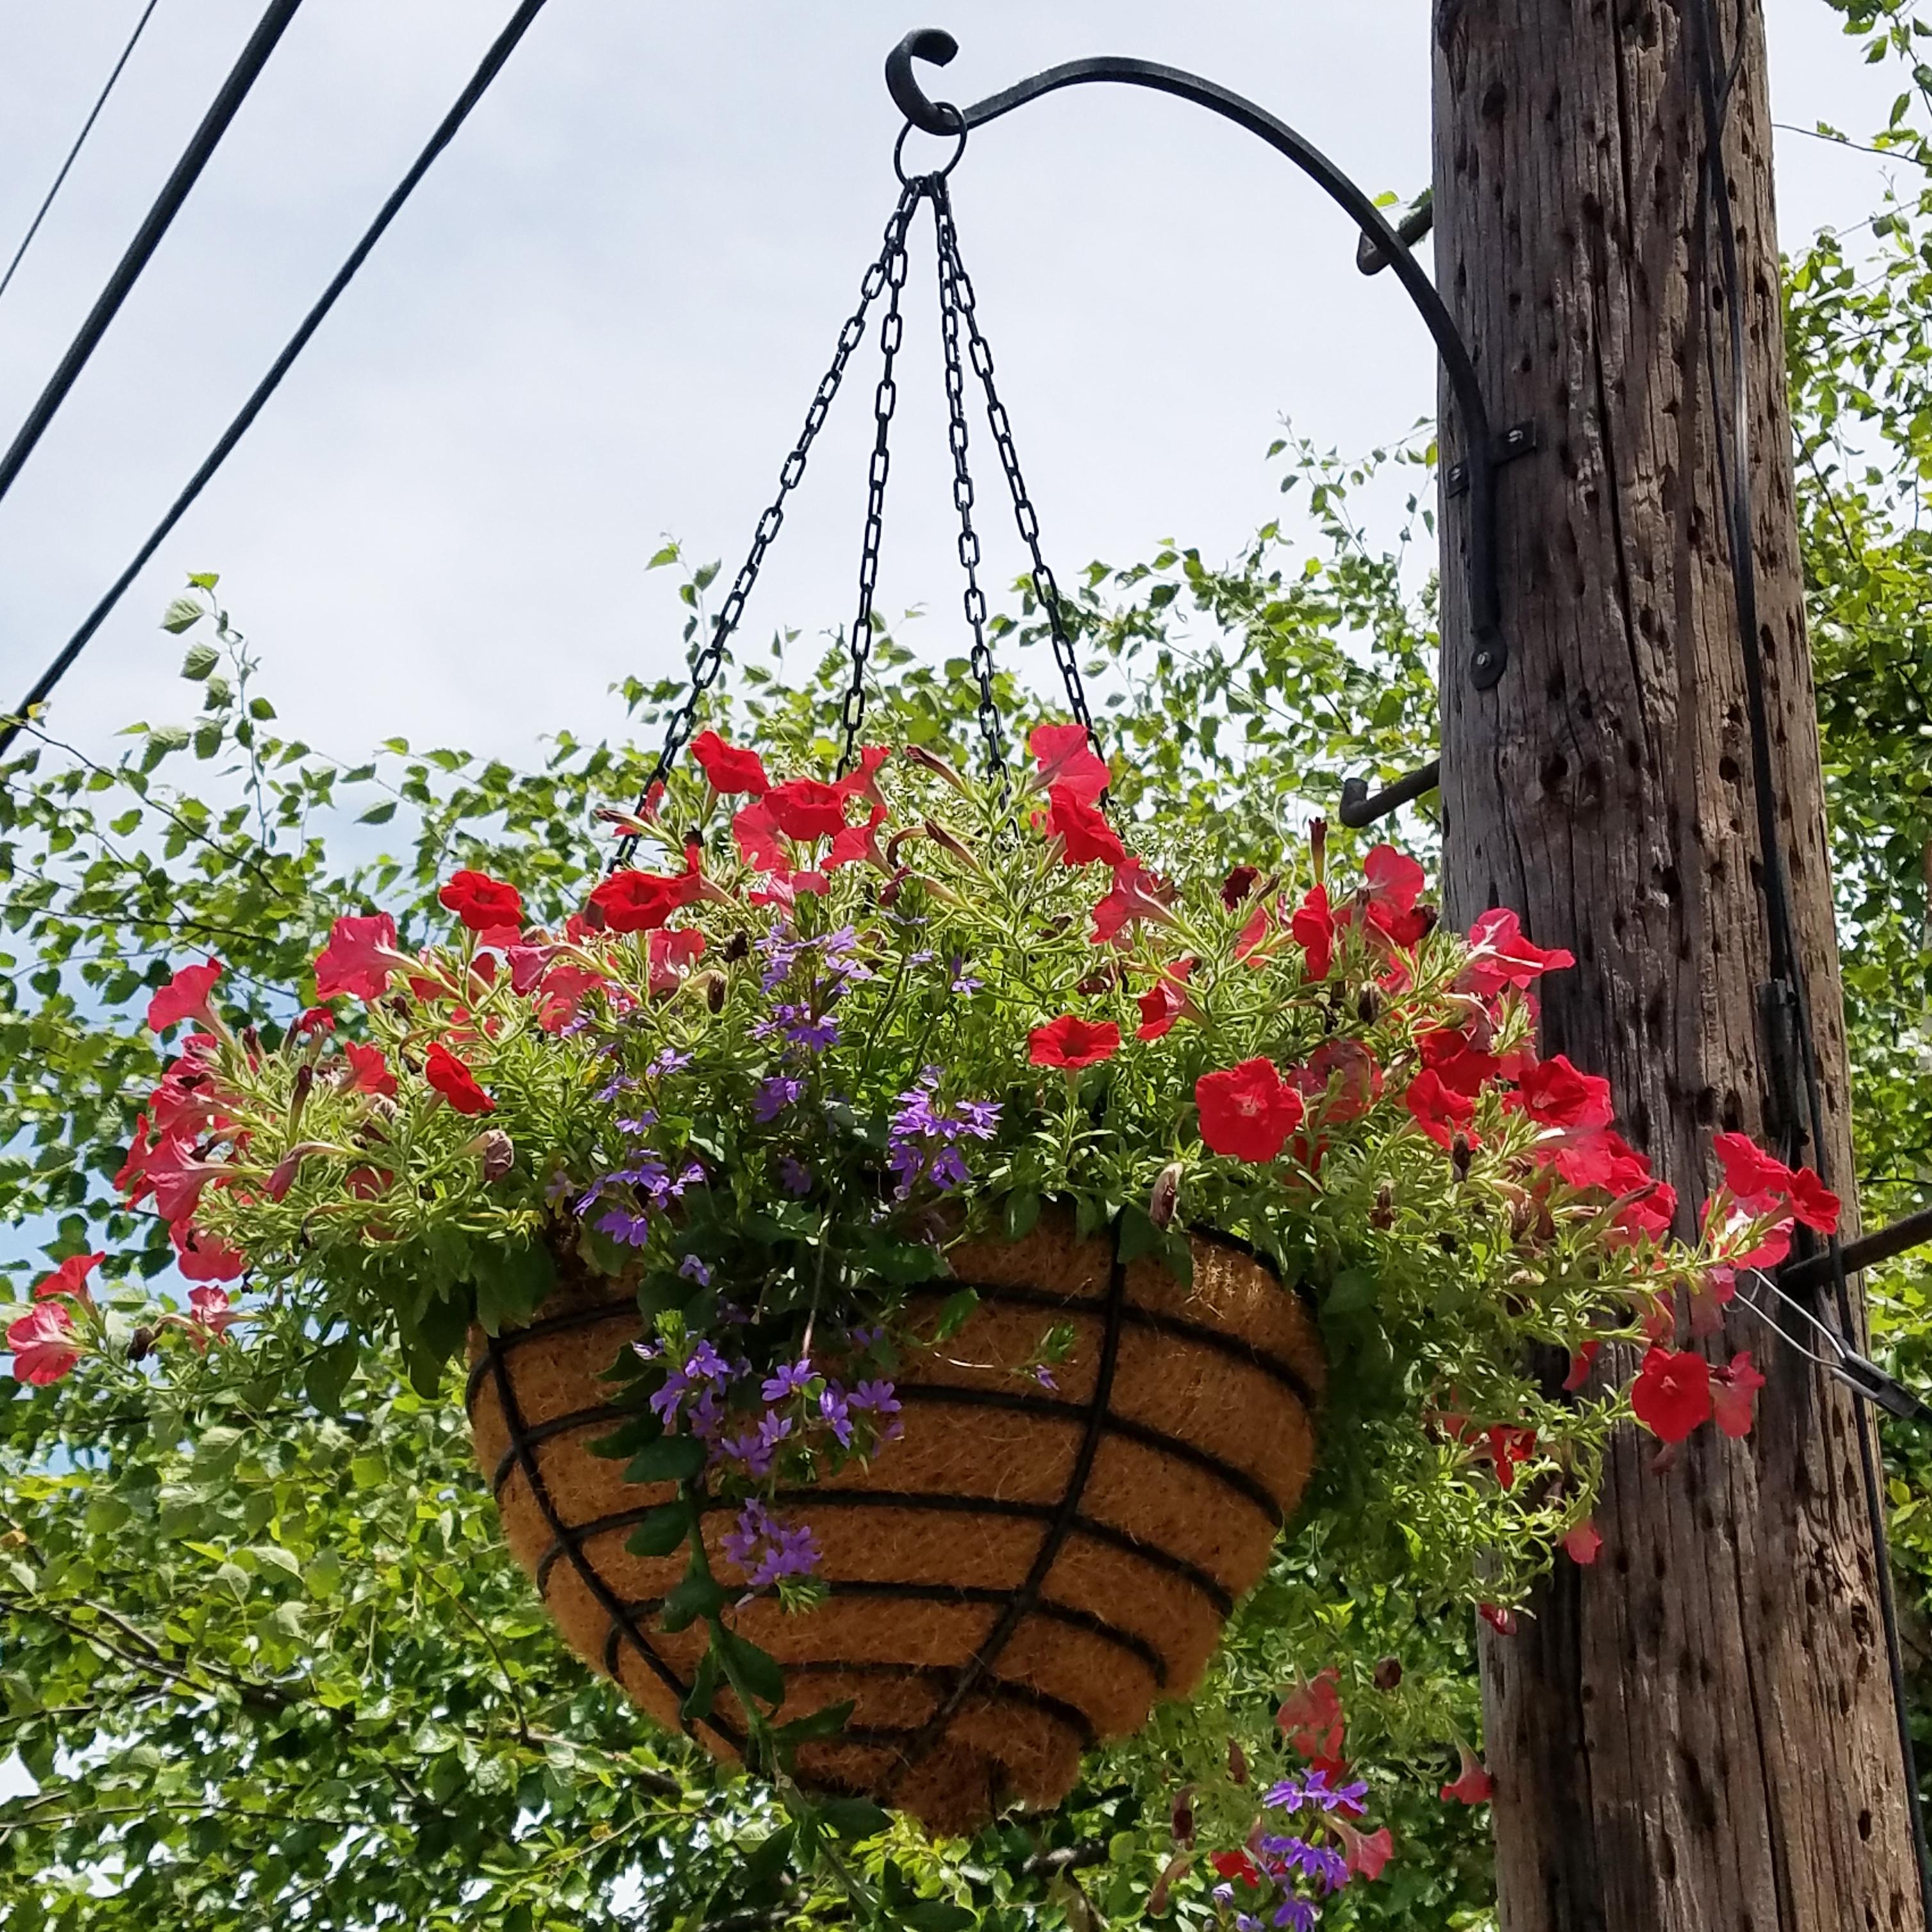 Cs/5 - 20 Diameter Old Fashioned Hanging Basket